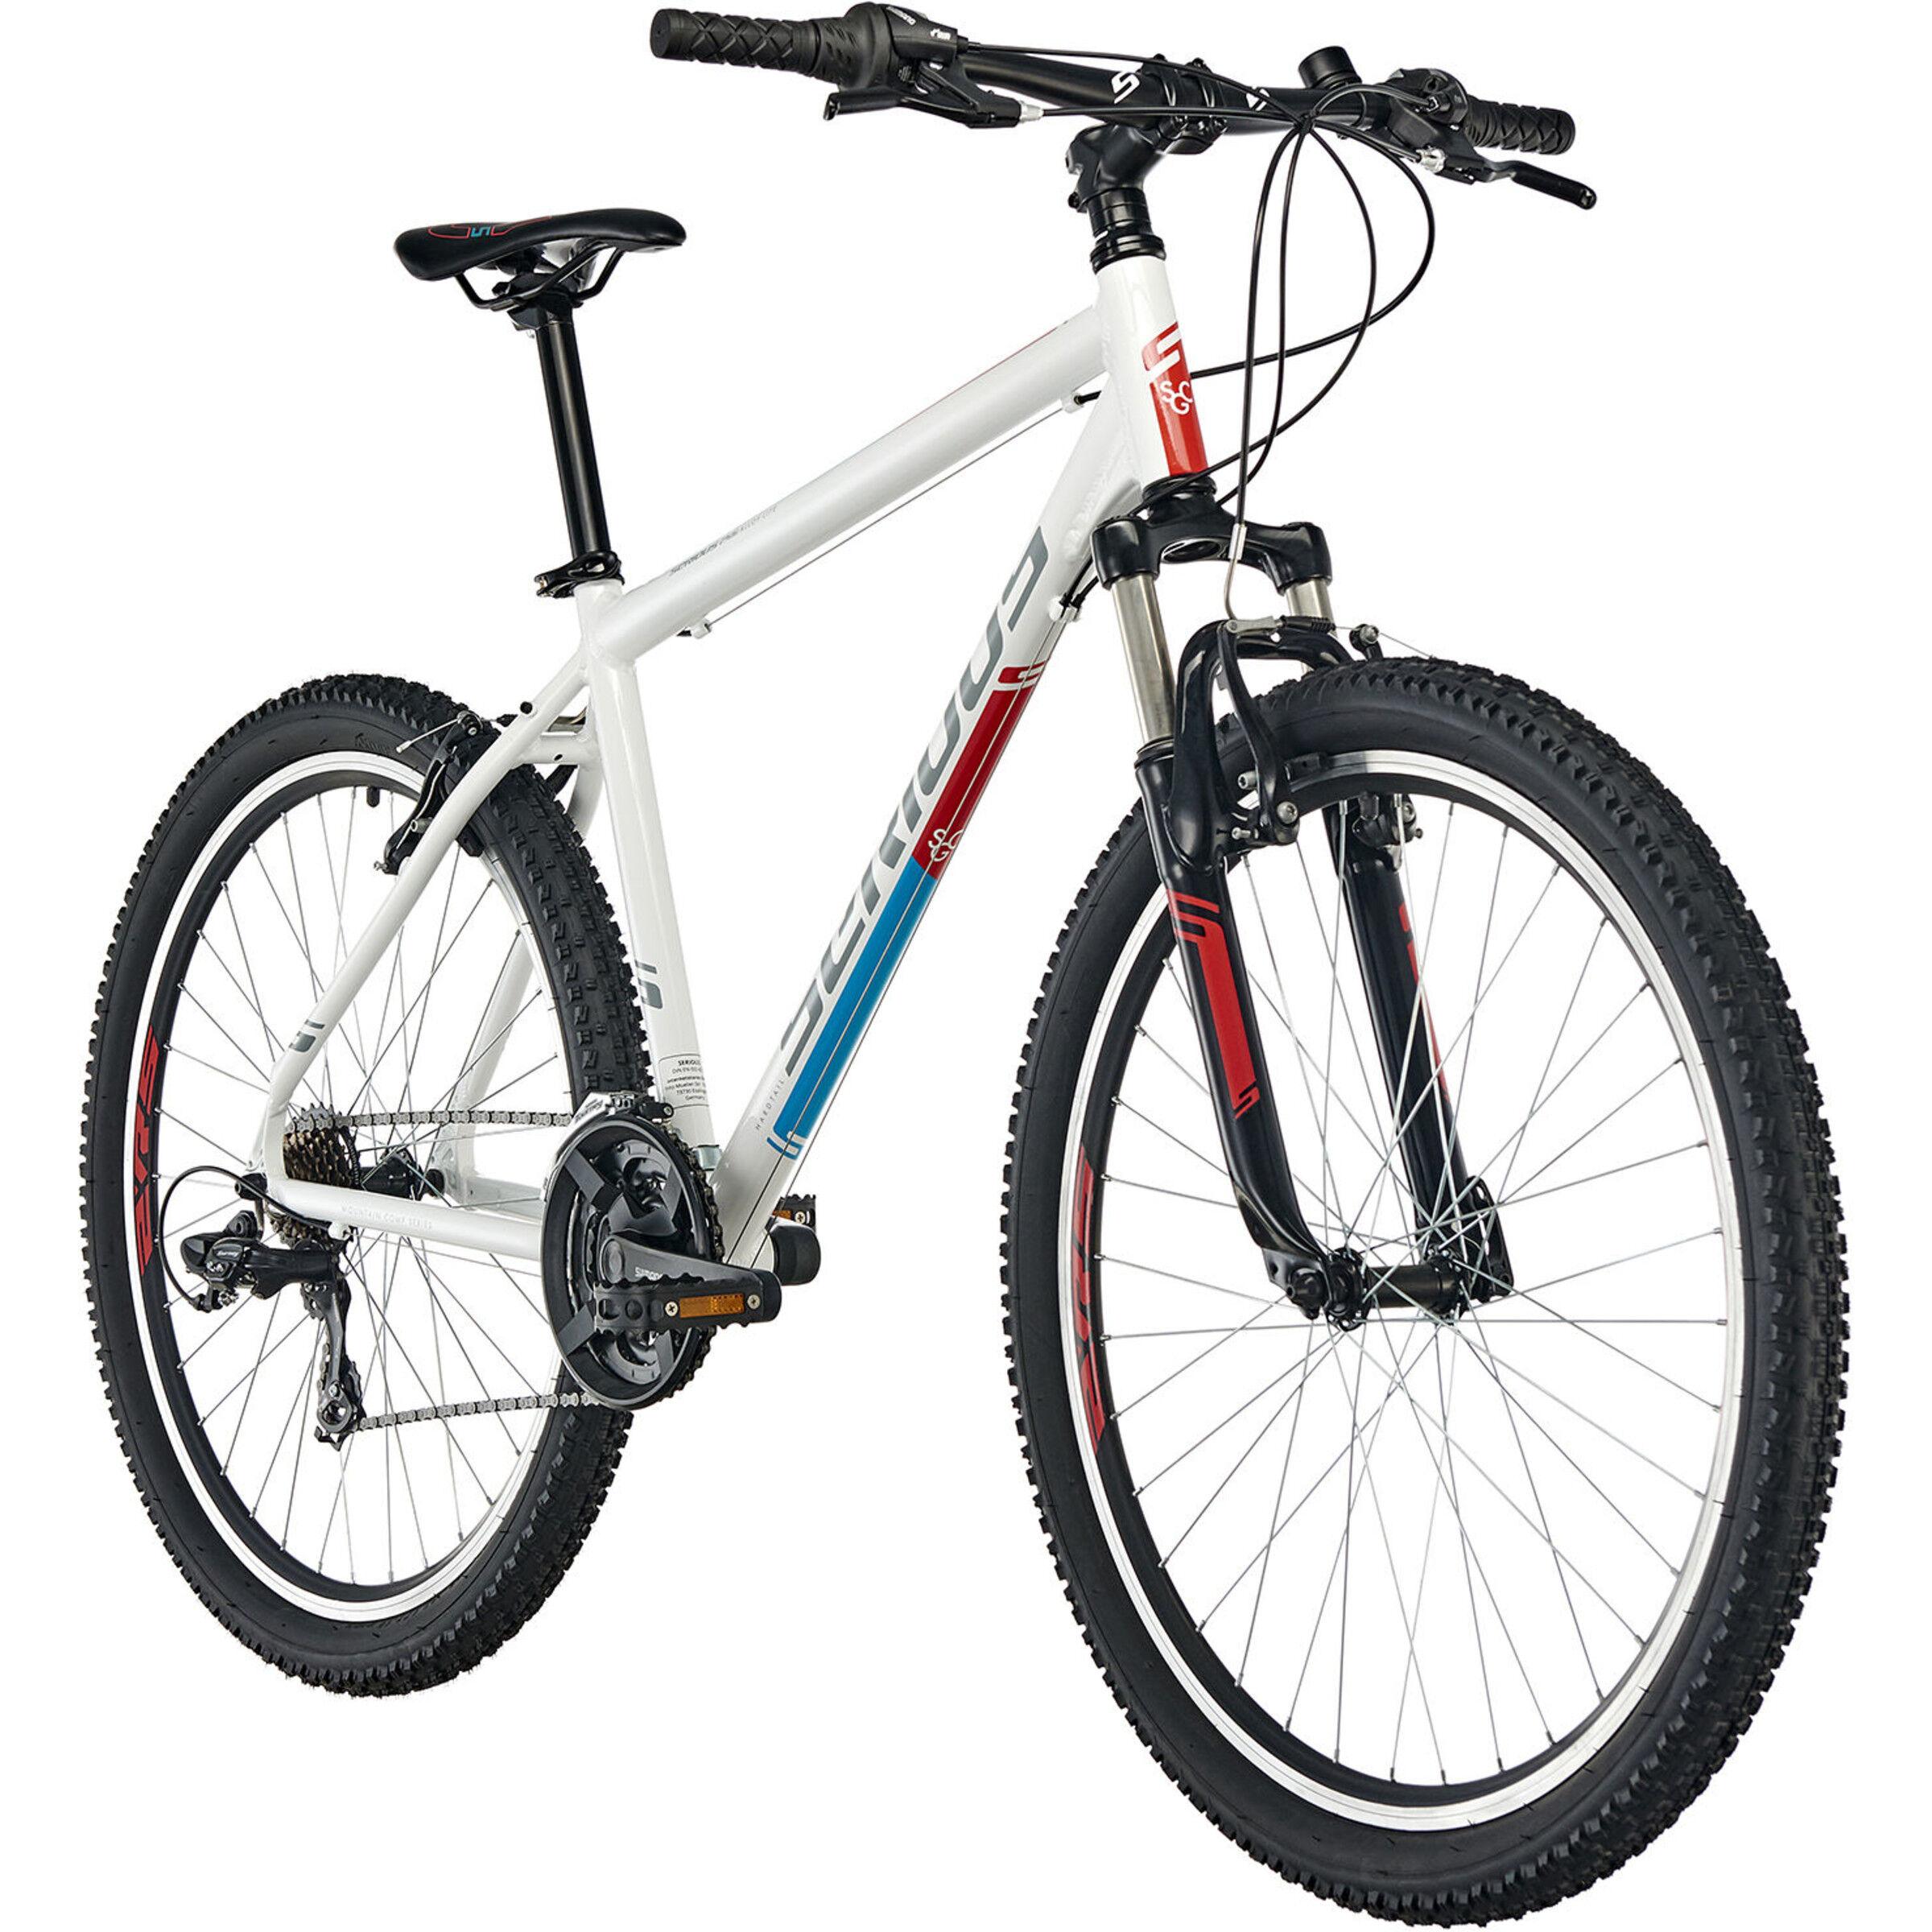 Fahrrad Restposten   Fahrräder Angebote günstig kaufen